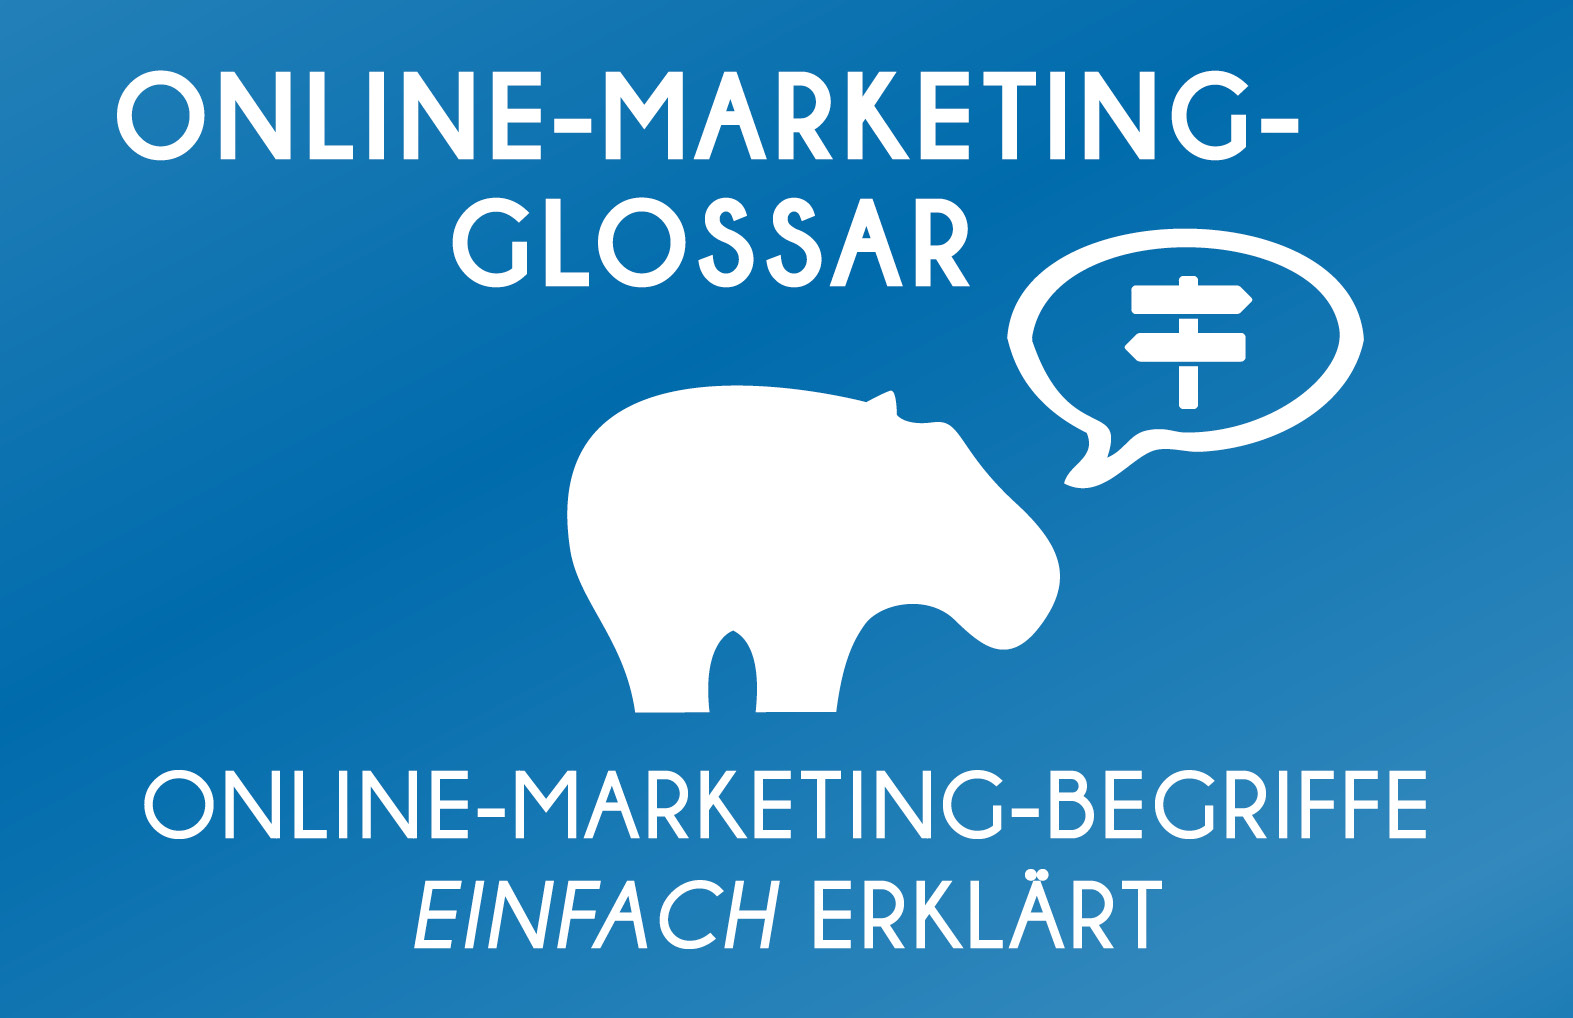 Online-Marketing-Begriffe einfach erklärt - Glossar